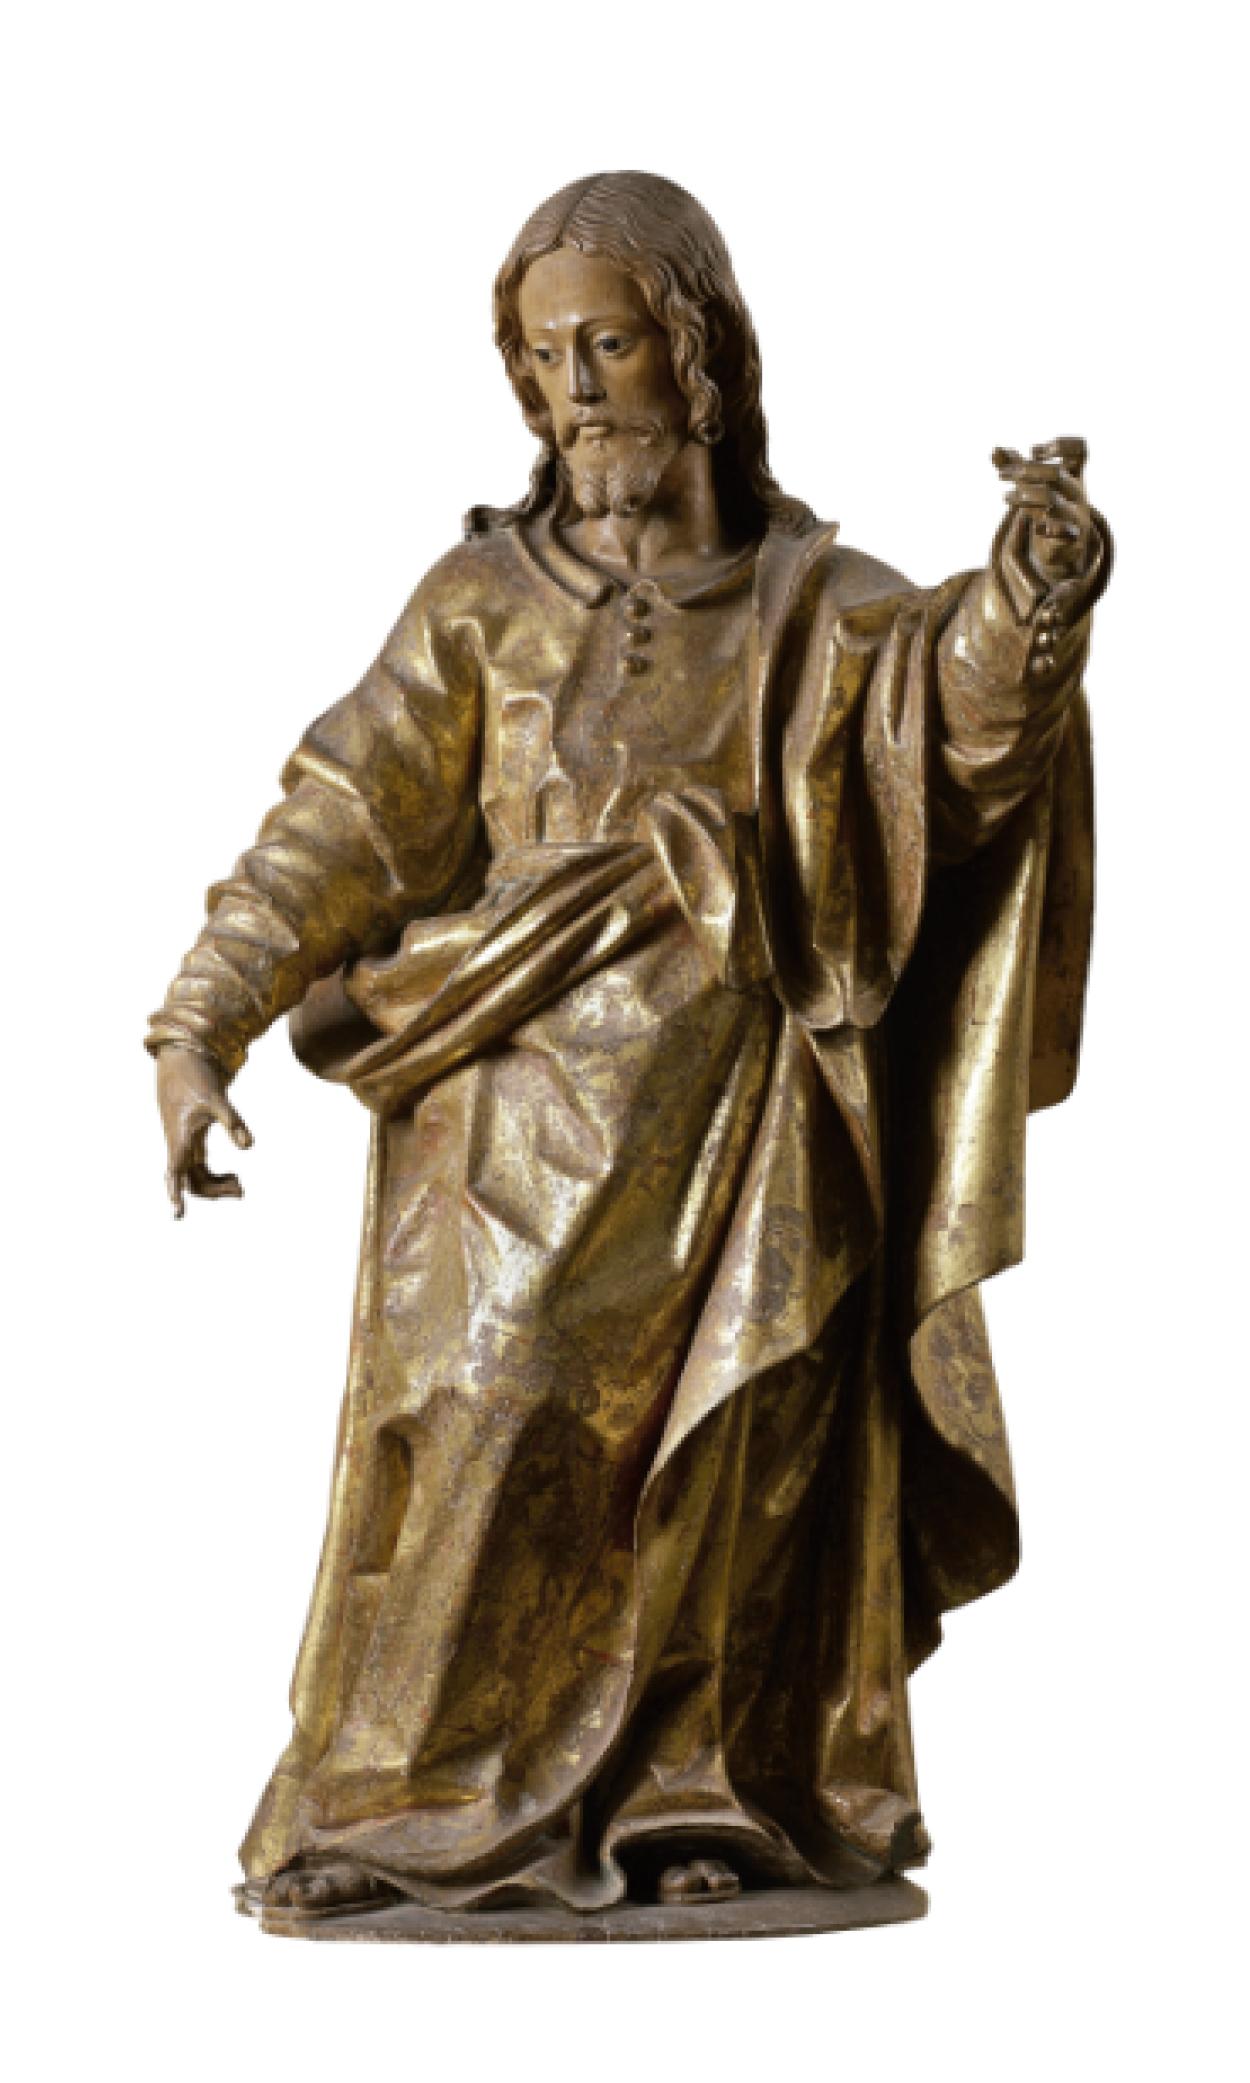 San José (1599 - 1699)